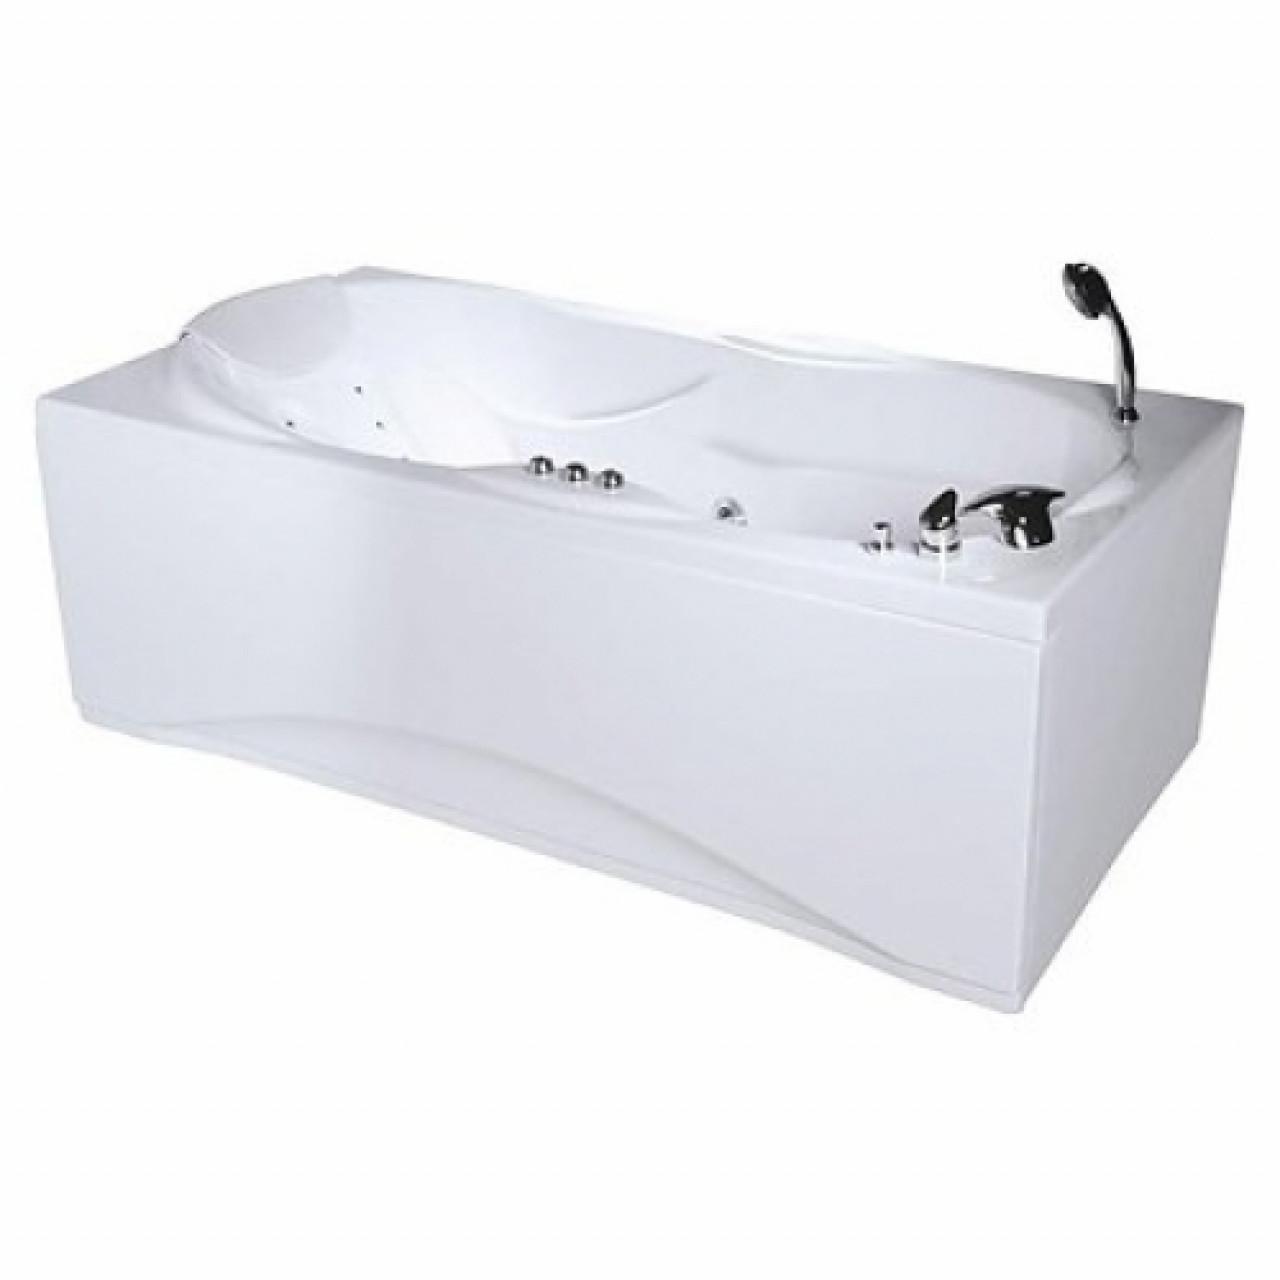 Акриловая ванна Акватика Атлантис Standart 180x90х63 купить в Москве по цене от 30040р. в интернет-магазине mebel-v-vannu.ru